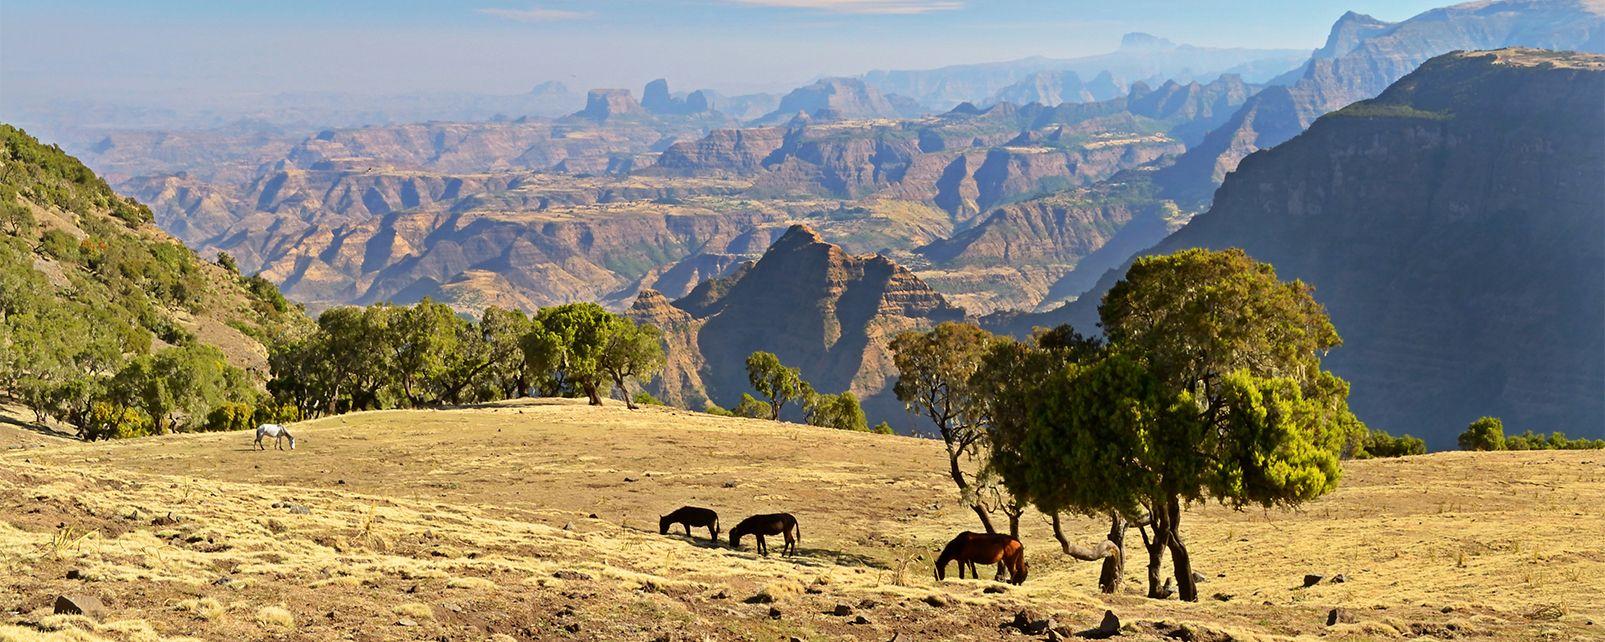 Les montagnes du Simien , Les monts du Simien, Éthiopie , Ethiopie